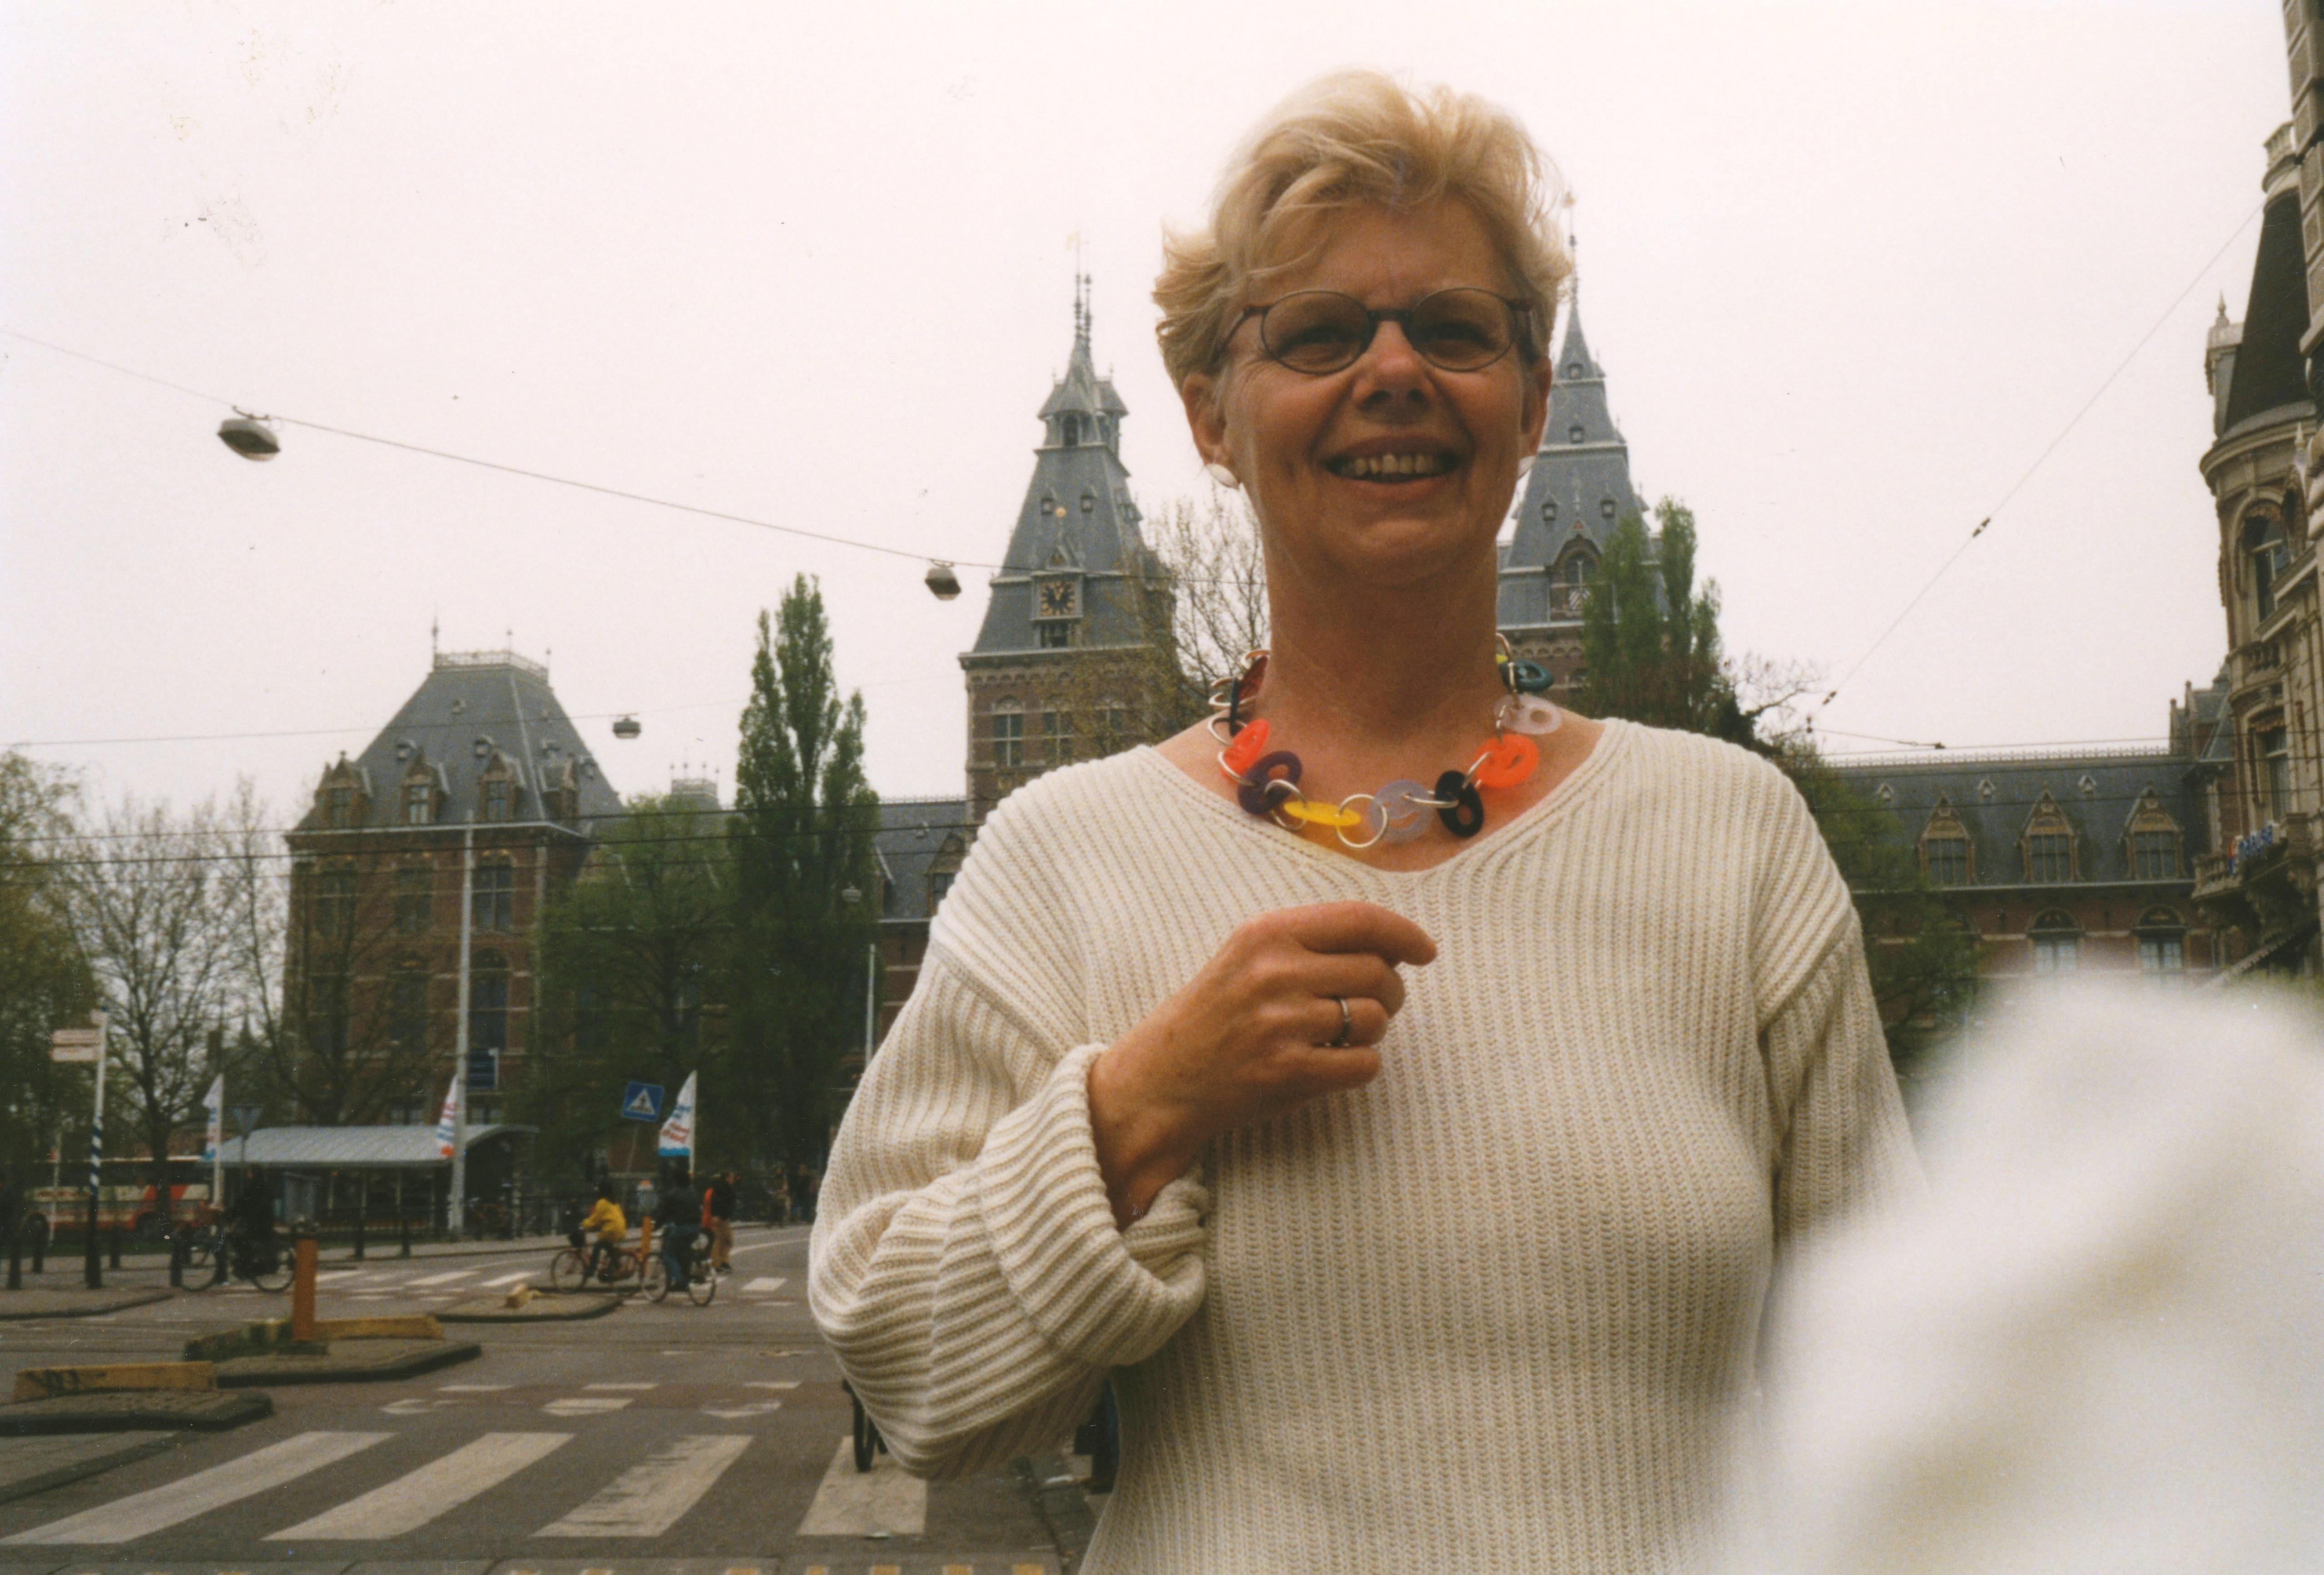 Claartje Keur, Zelfportret met halssieraad van Paul Derrez, Amsterdam, Rijksmuseum, 2 mei 1998. Foto Claartje Keur